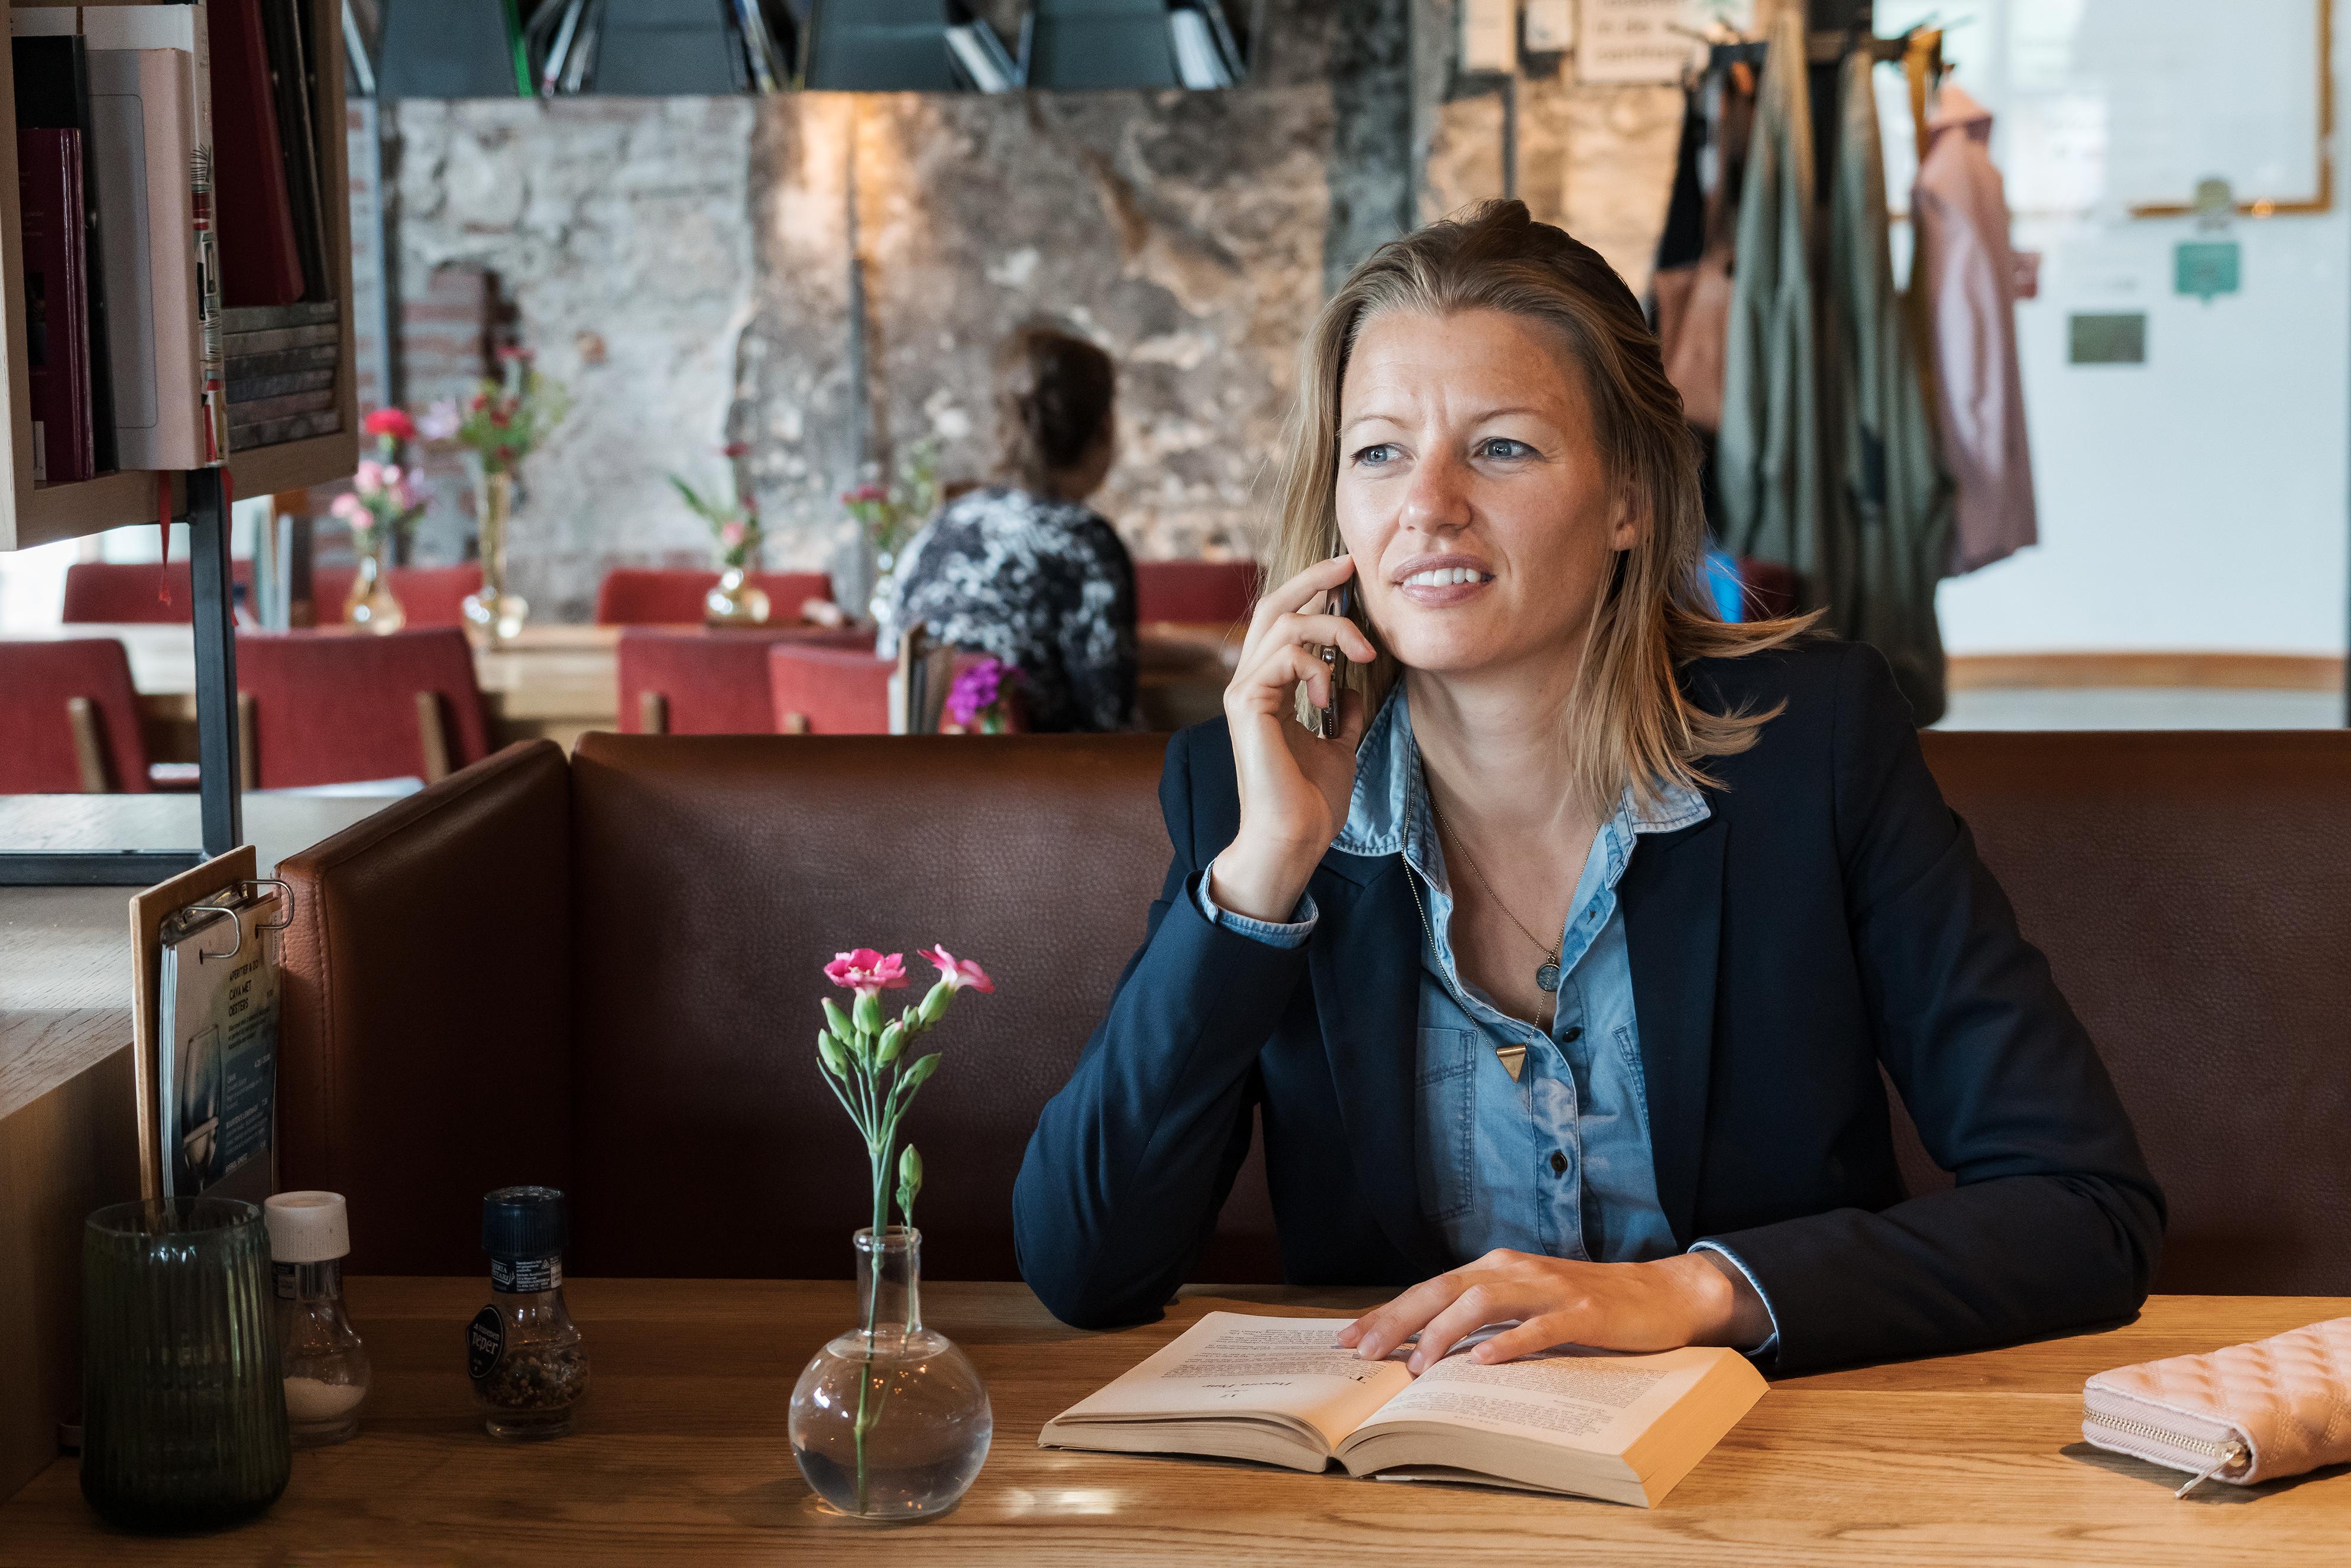 Irene van Gent - Wat is jouw verhaal?